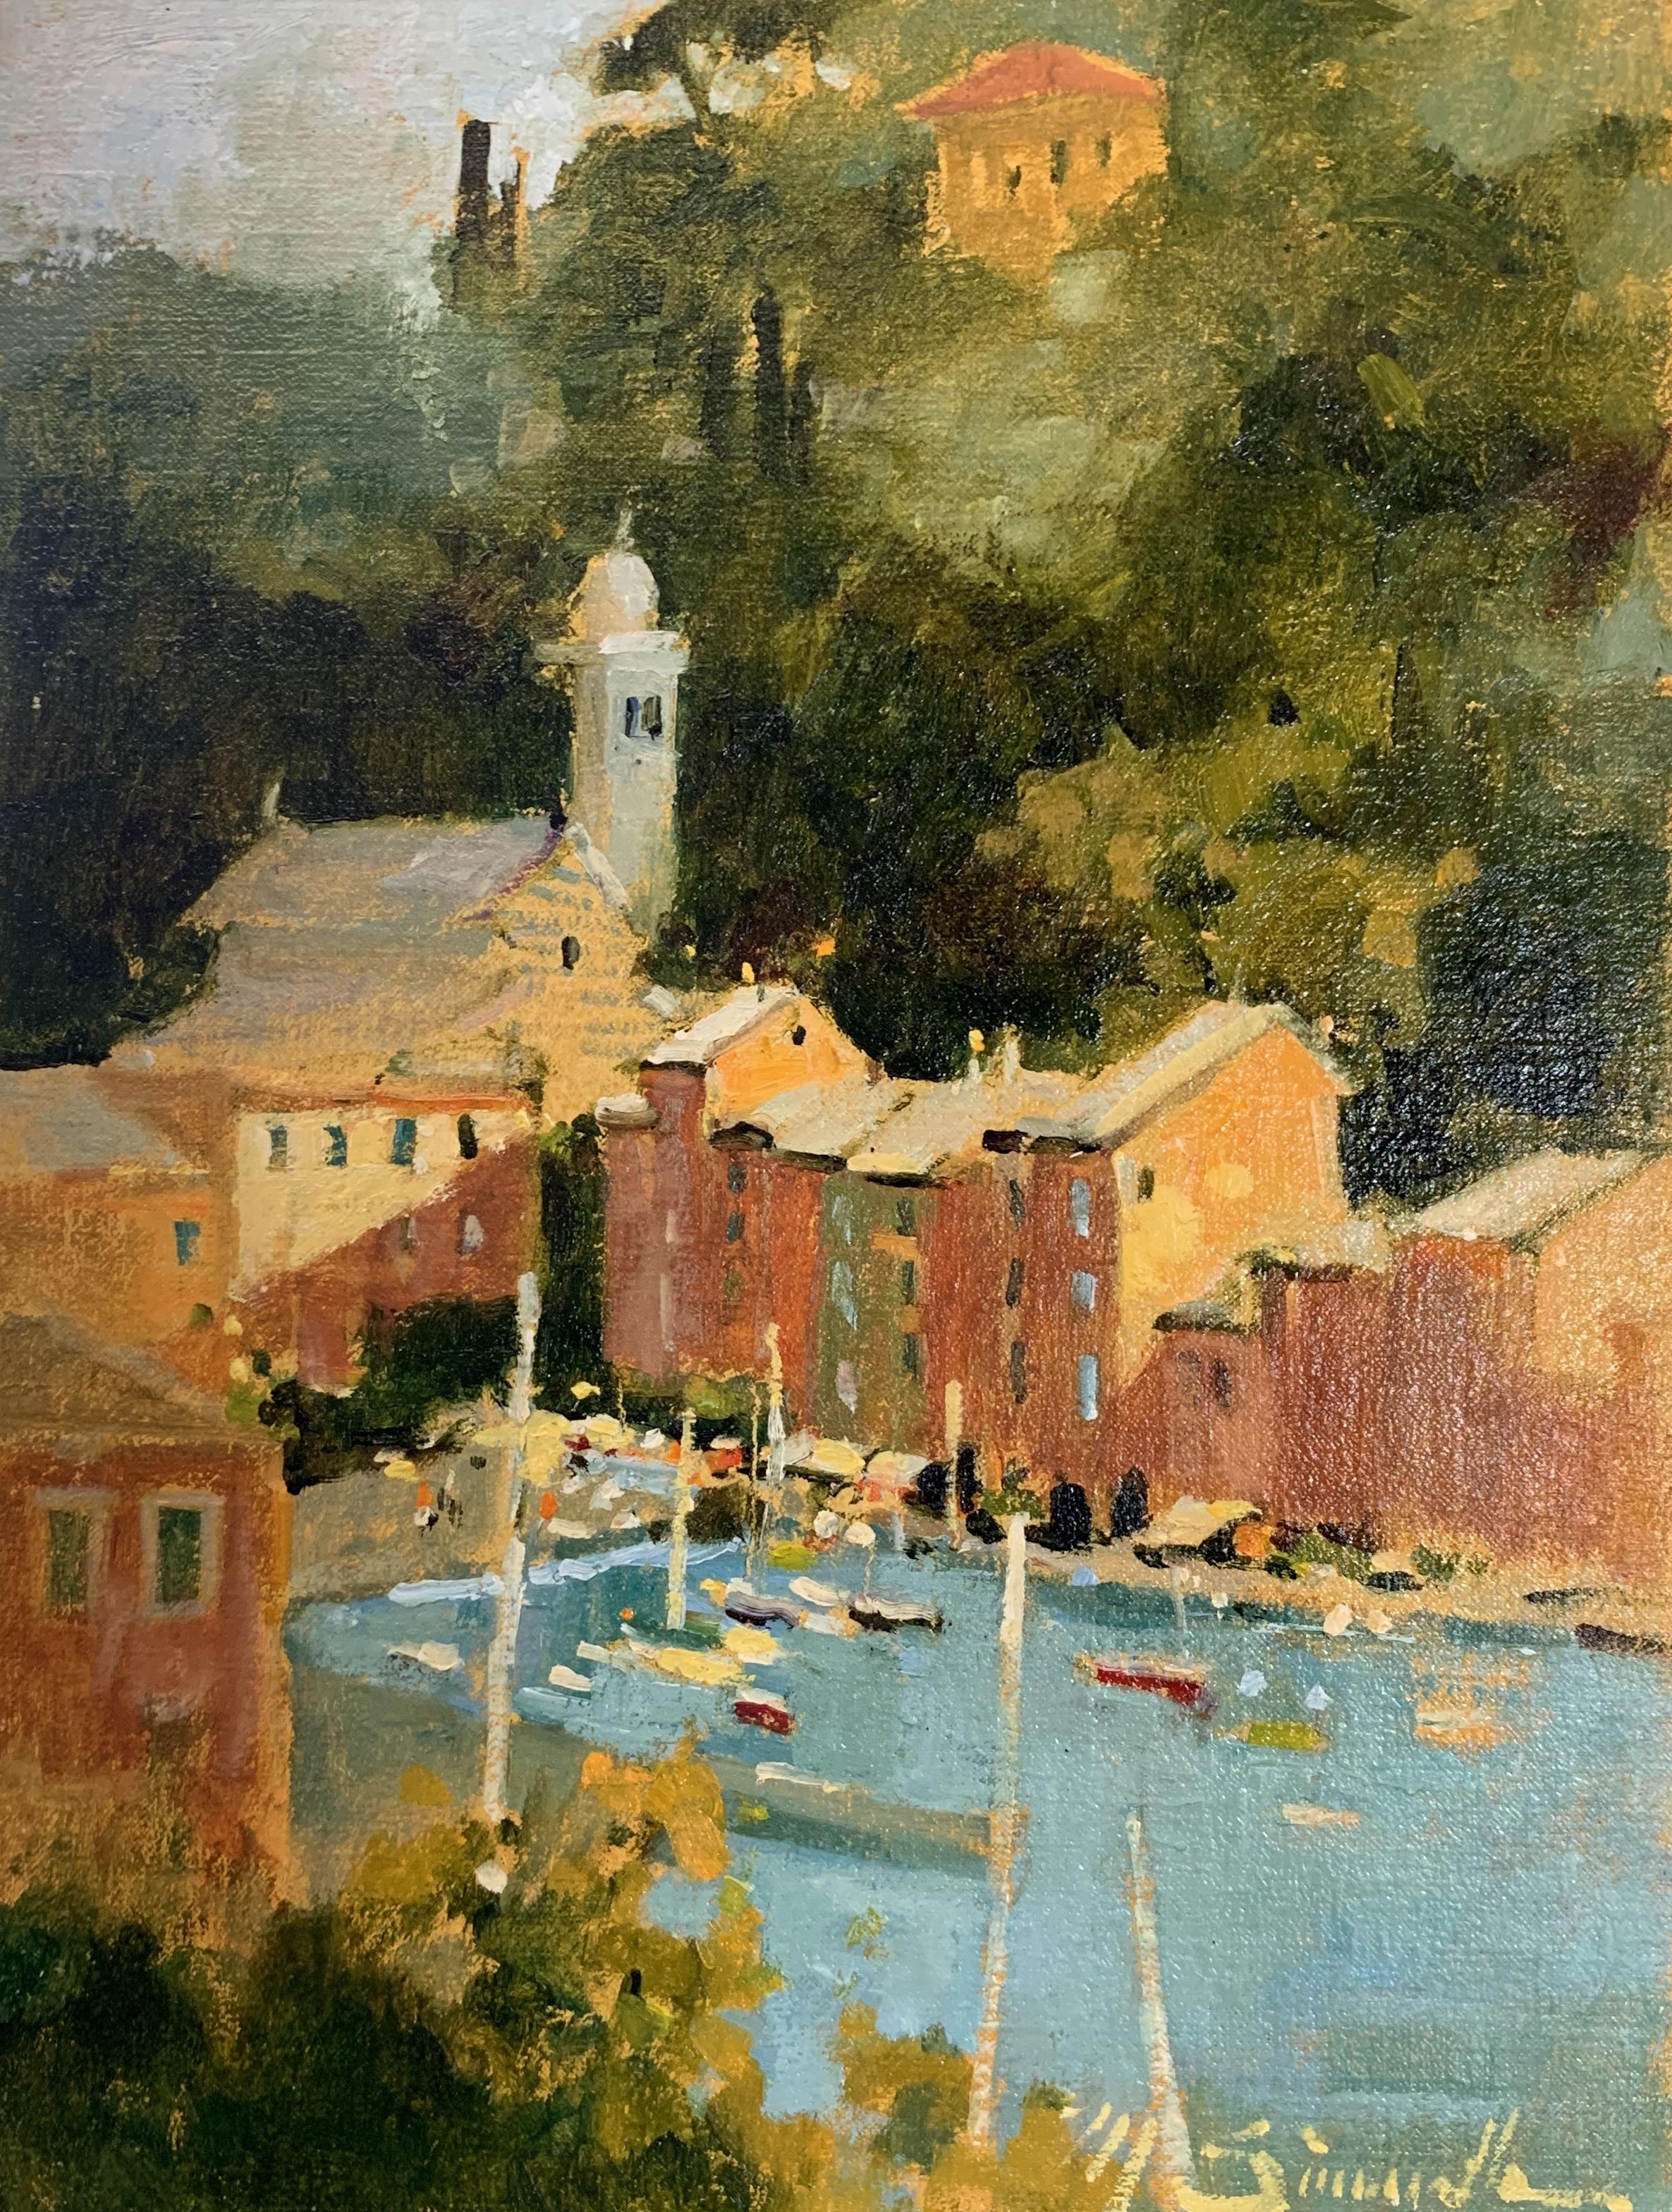 Portofino 12 x 9